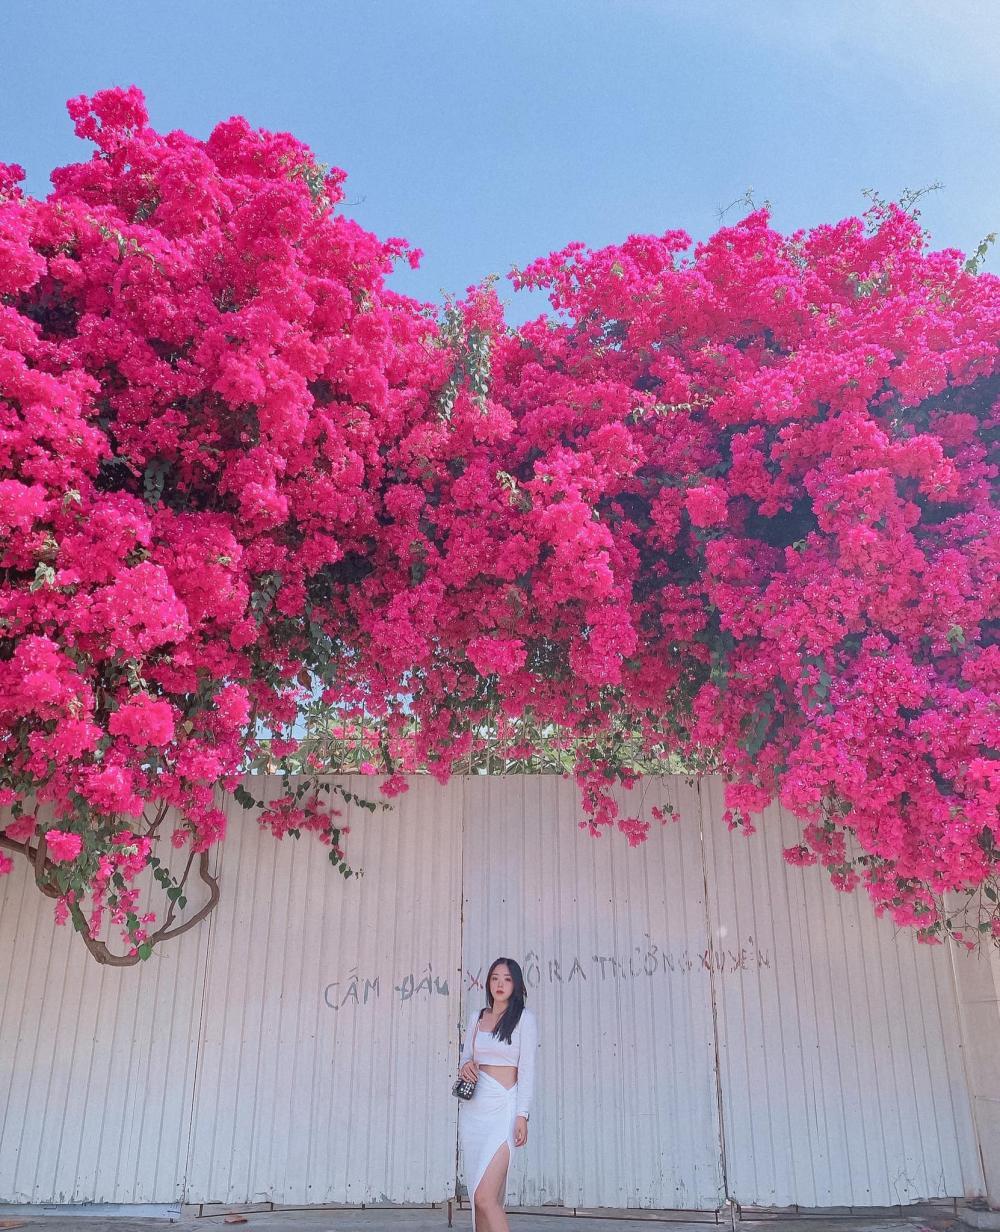 Mới đây trên MXH, một thành viên có nickname Thùy Vân chia sẻ những hình ảnh về giàn hoa giấy Vũng Tàu siêu đẹp.